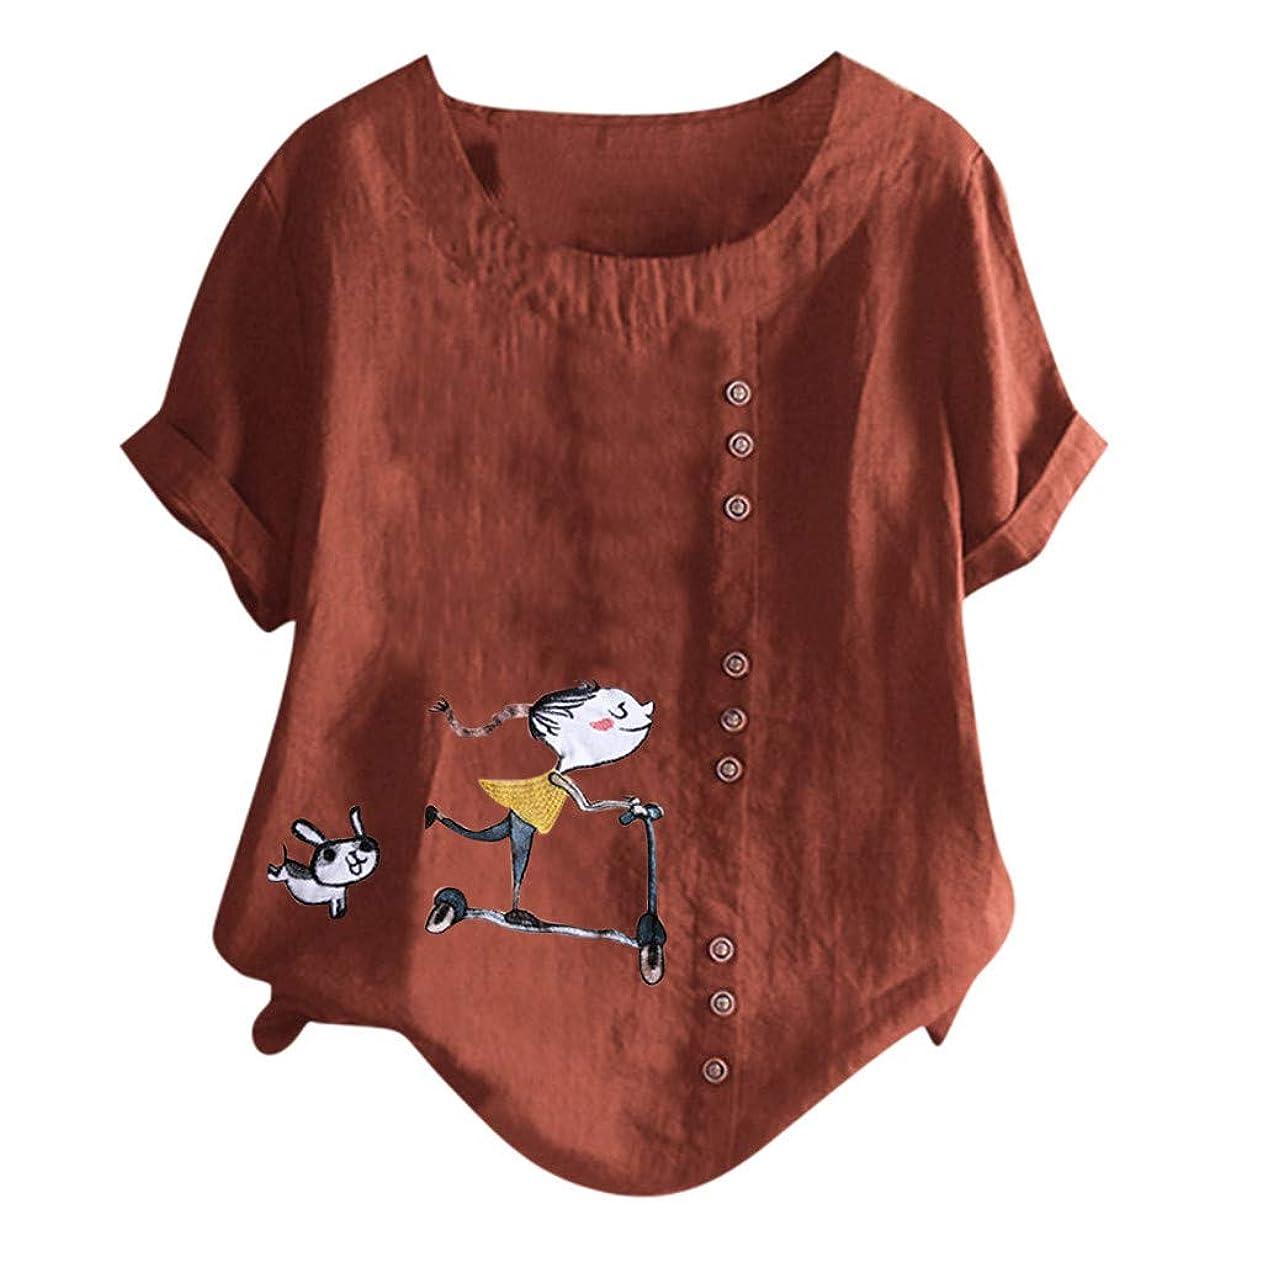 同じ支配的クラシカルAguleaph レディース Tシャツ おおきいサイズ 半袖 丸首 少女 ねこ 魚 花柄 トップス 学生 洋服 お出かけ ワイシャツ 流行り ブラウス 快適な 軽い 柔らかい かっこいい カジュアル シンプル オシャレ 春夏秋